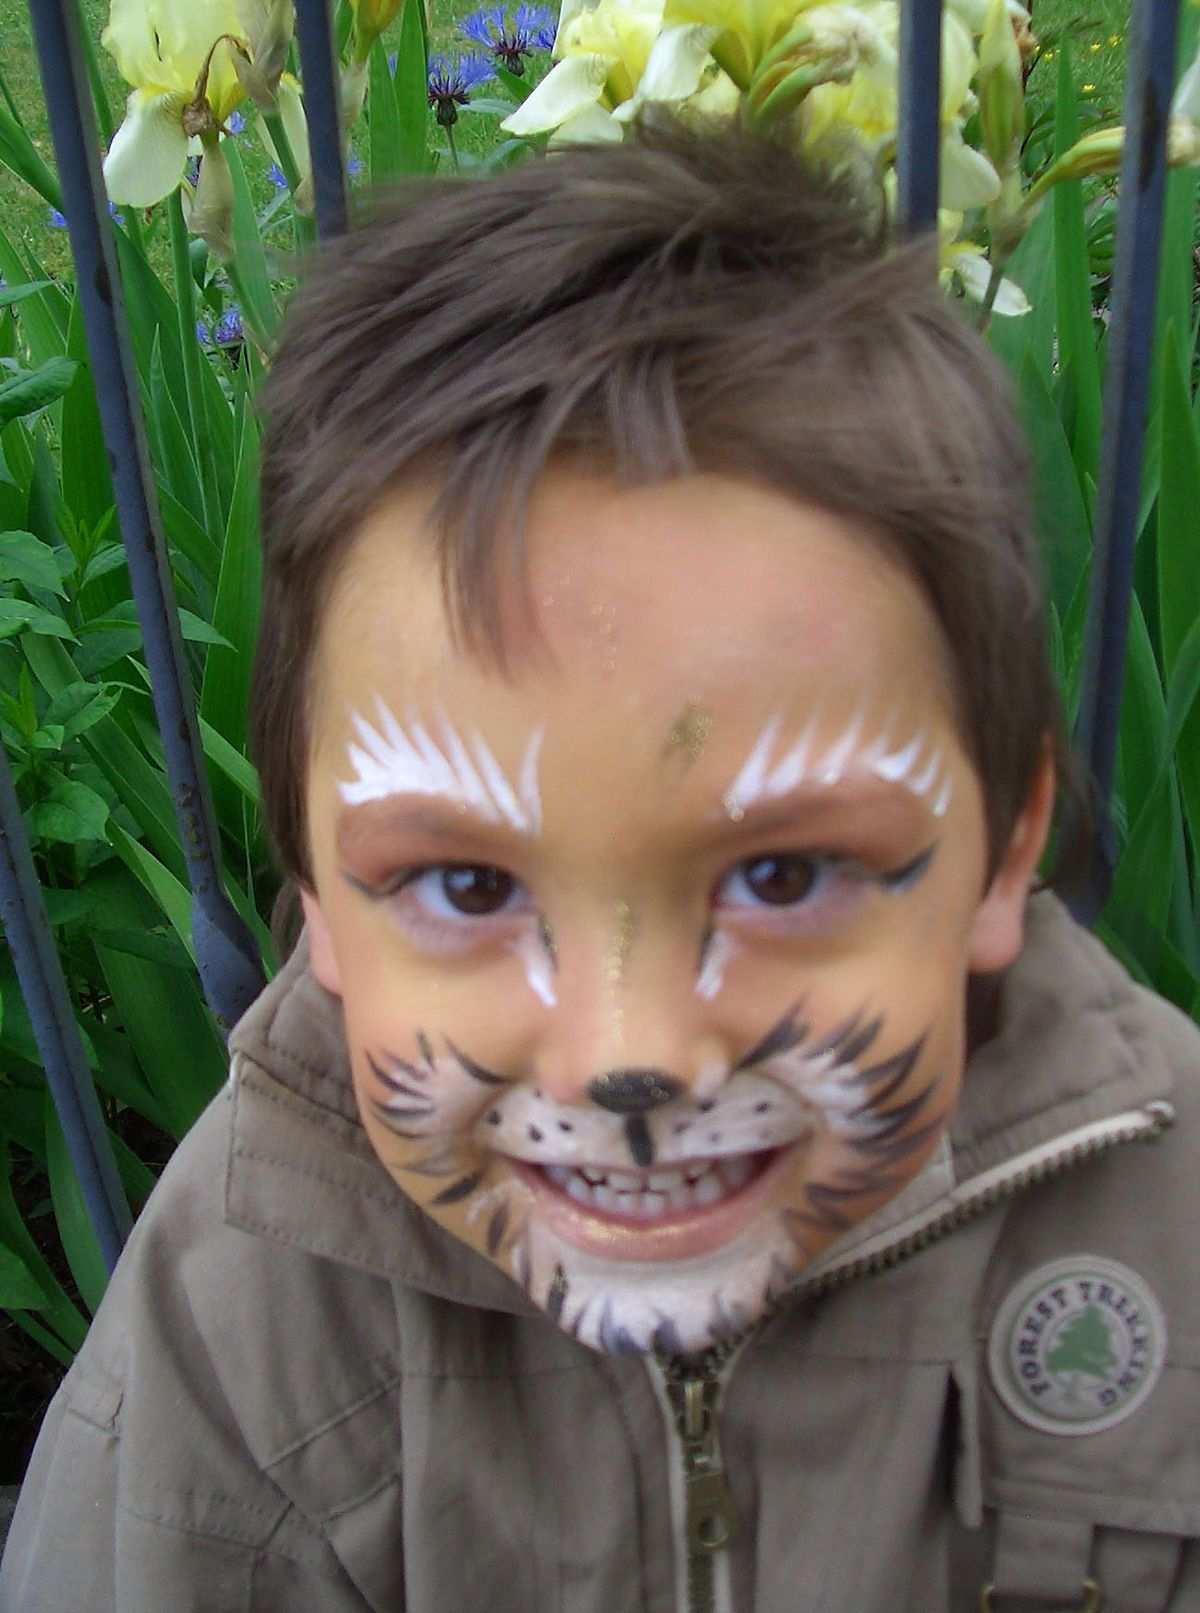 Kinderschminken Lowe Fasching Karneval Fasnacht Mit Kinder Mit Kindern Ideen Zum Schminken Von Kind Kinder Schminken Kinderschminken Kinderschminken Lowe